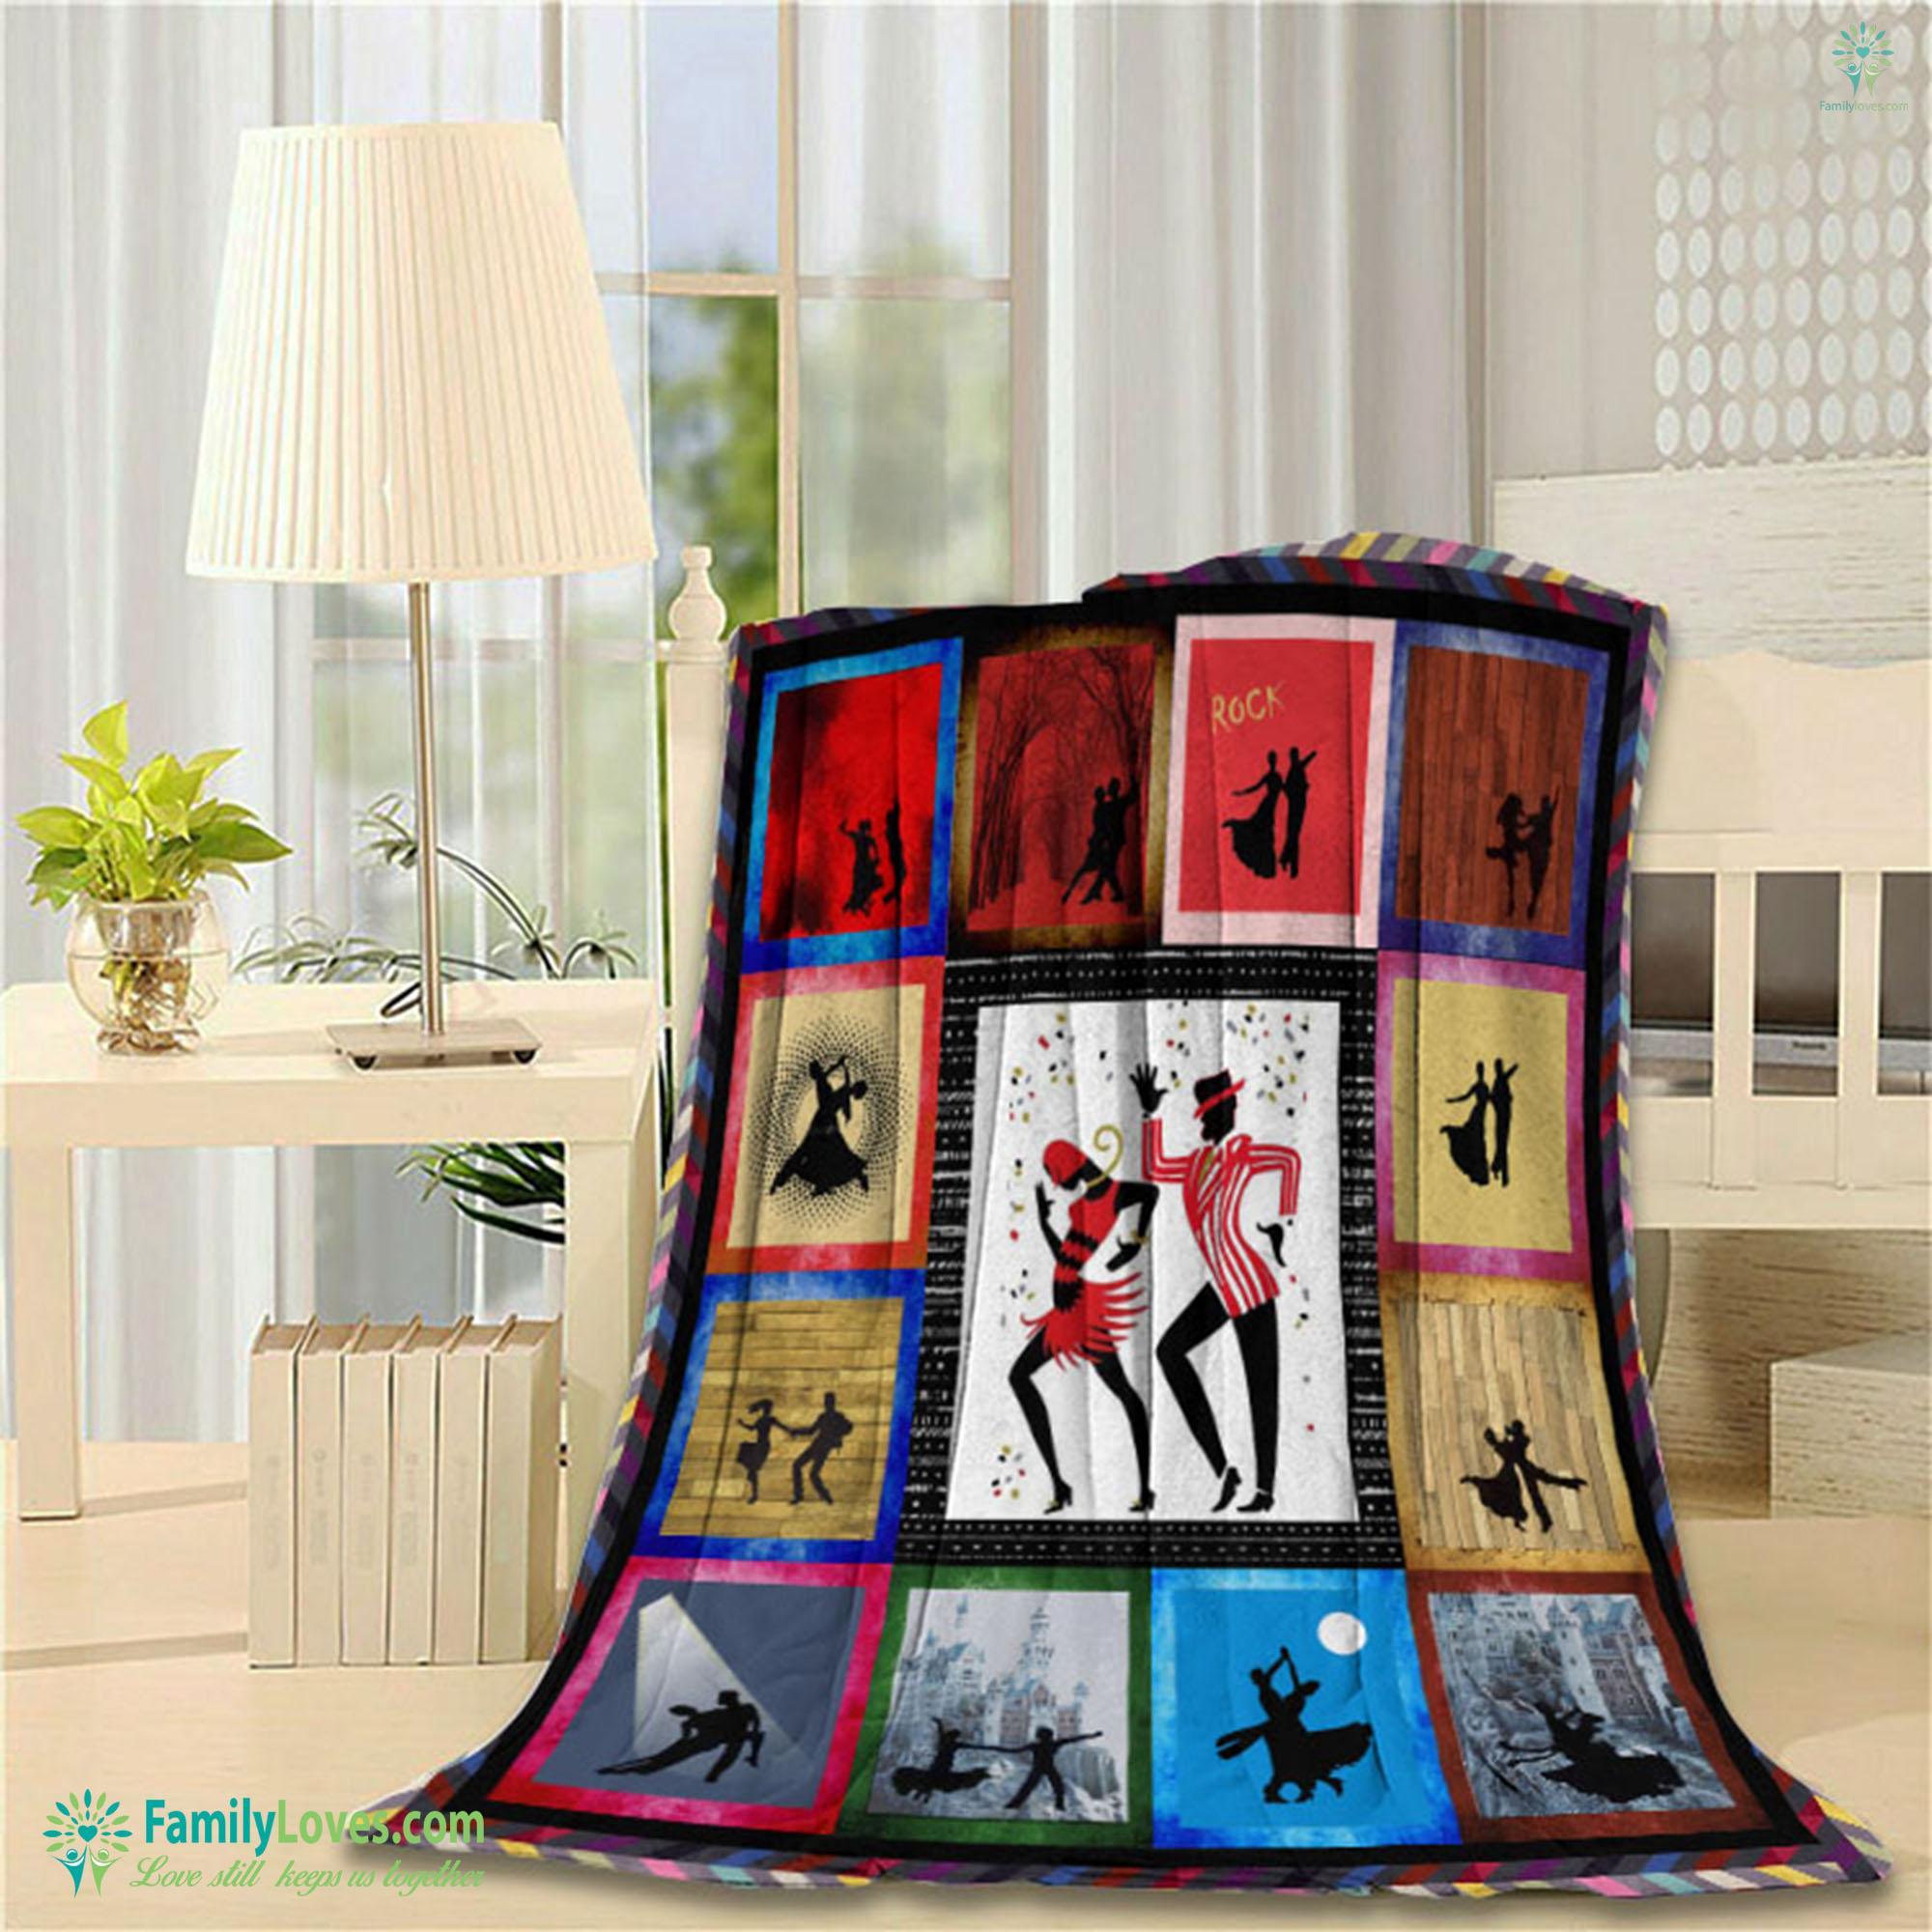 Dancesport Souls Pk Blanket 12 Familyloves.com